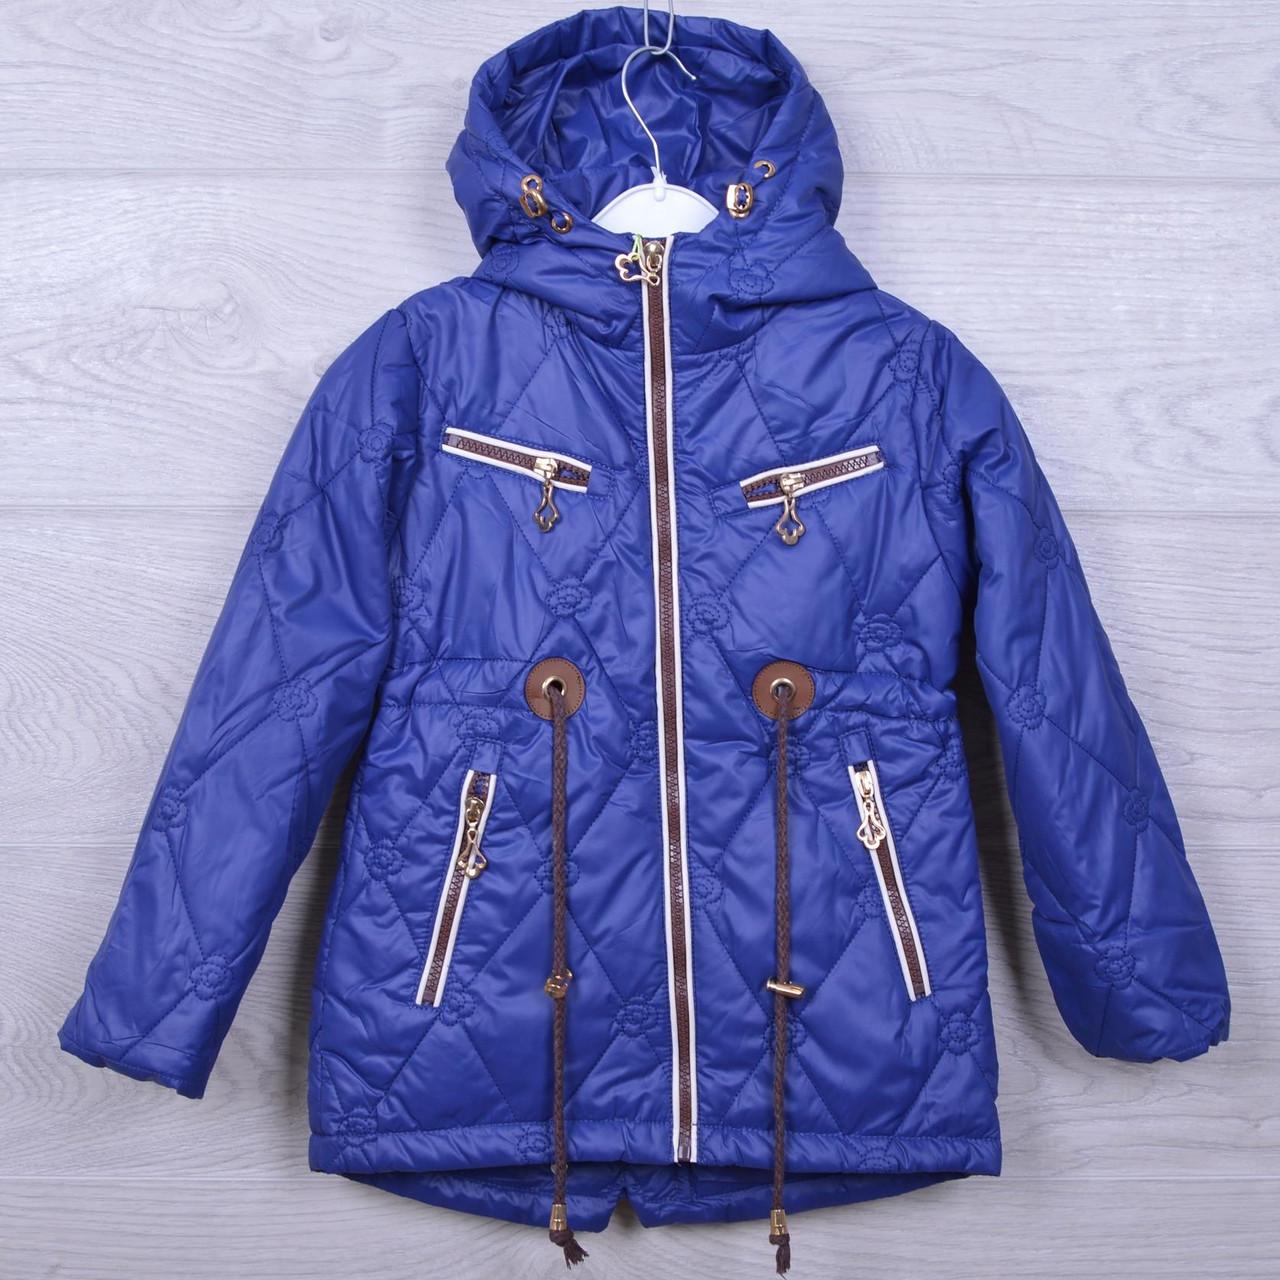 Куртка подростковая демисезонная Кузя#66-302 для девочек. 110-134 см. Синяя. Оптом.